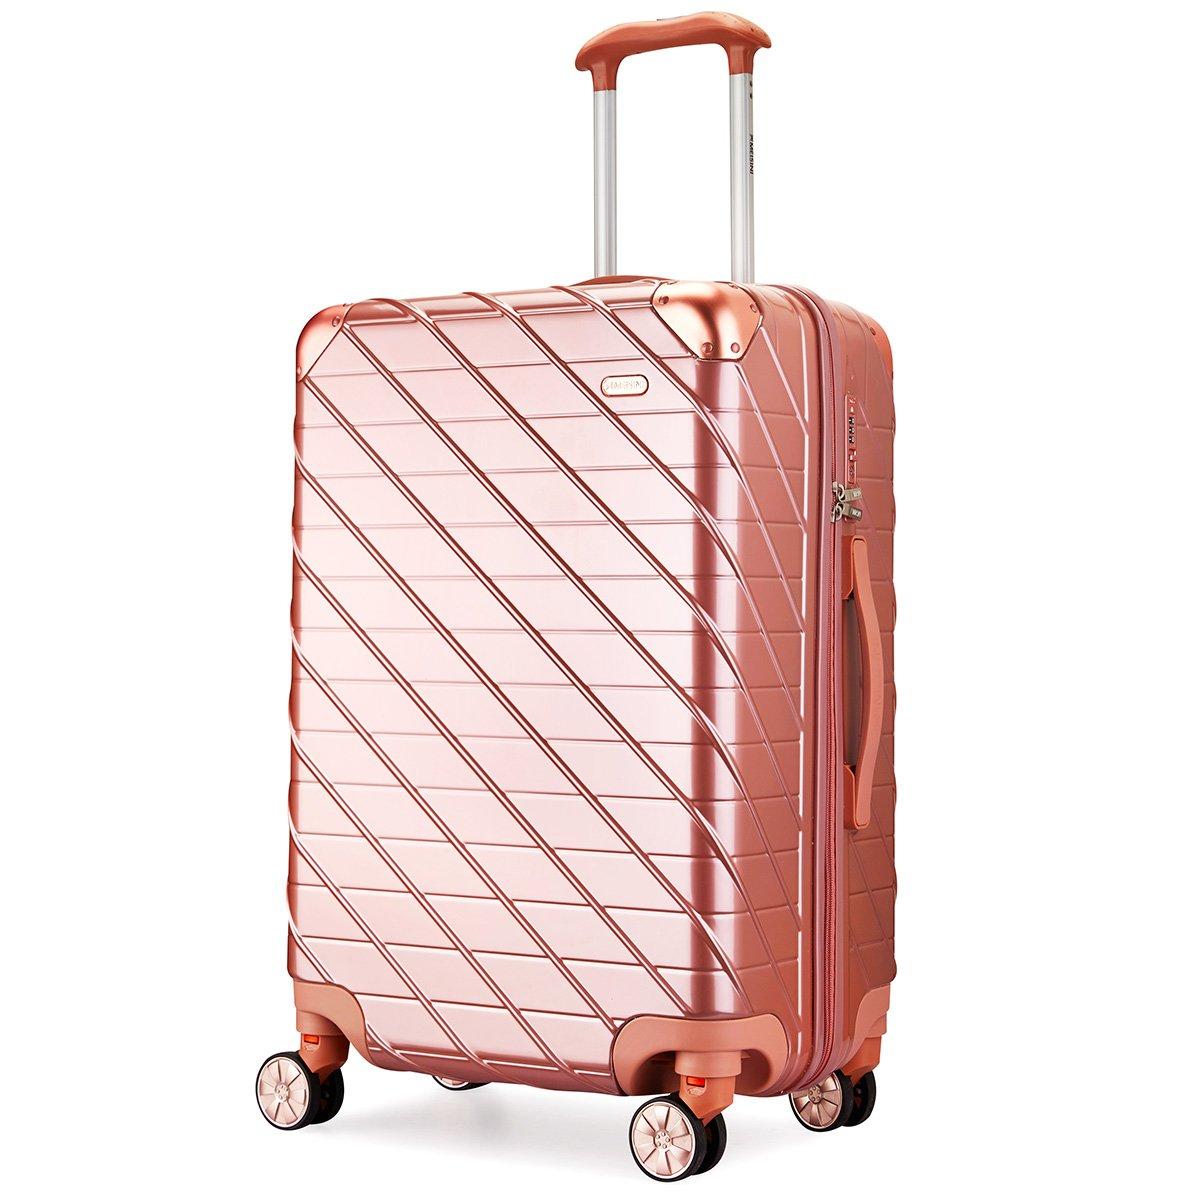 MEISINI スーツケース 旅行バッグ キャリーバッグ キャリーケース TSAロック 機内持込 軽量 ABS+PC 静音 ファスナーレス 8輪キャスター 出張【一年保証】 B07DJ3QJBY Mサイズ( 4~7泊用·62L)|ゴールド ゴールド Mサイズ( 4~7泊用·62L)